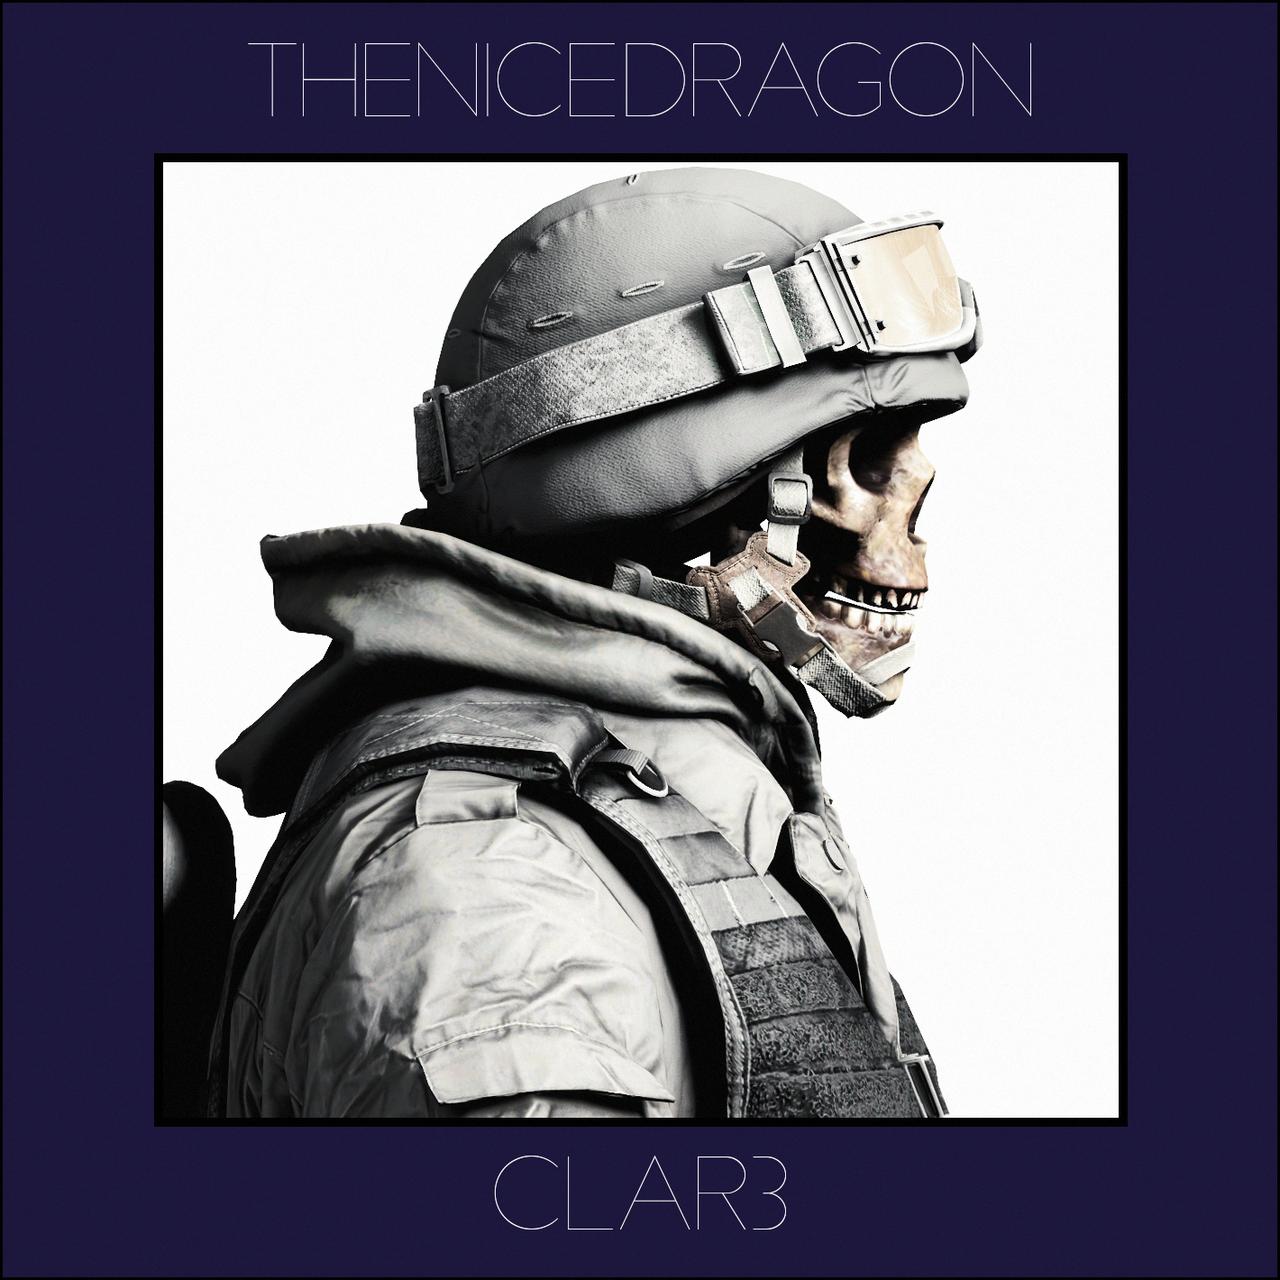 Clar-3's Profile Picture